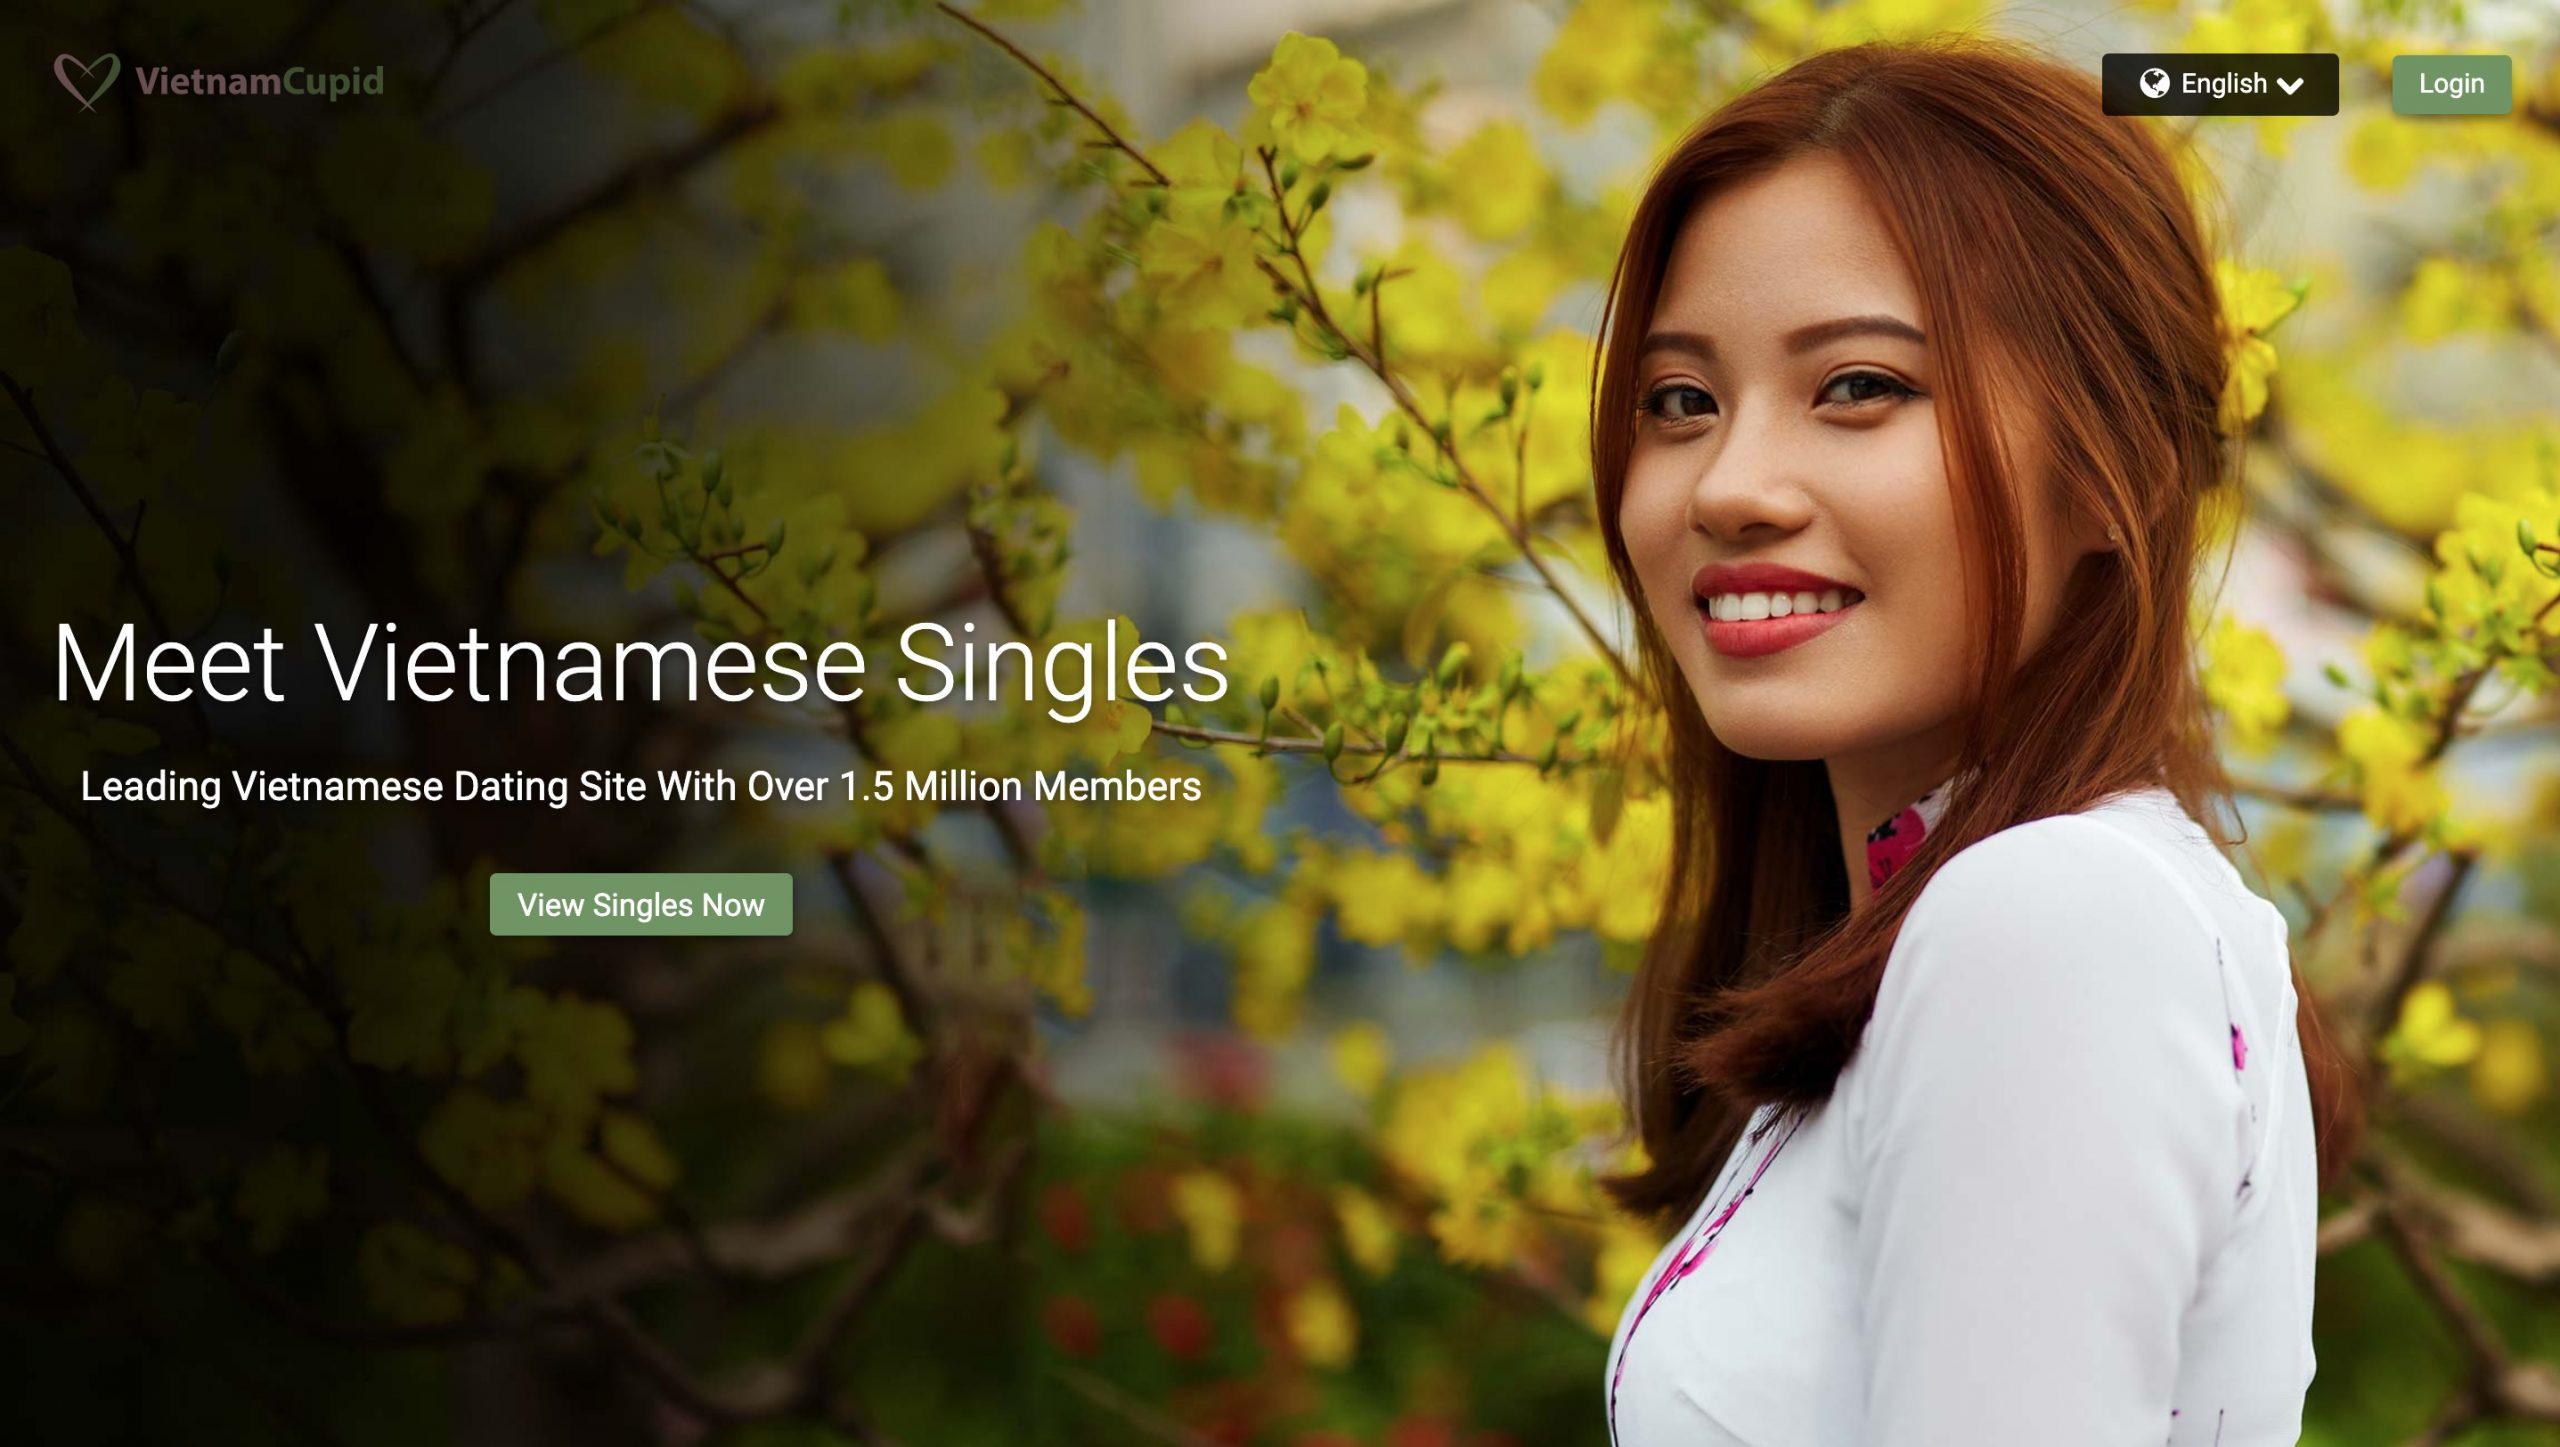 VietnamCupid main page